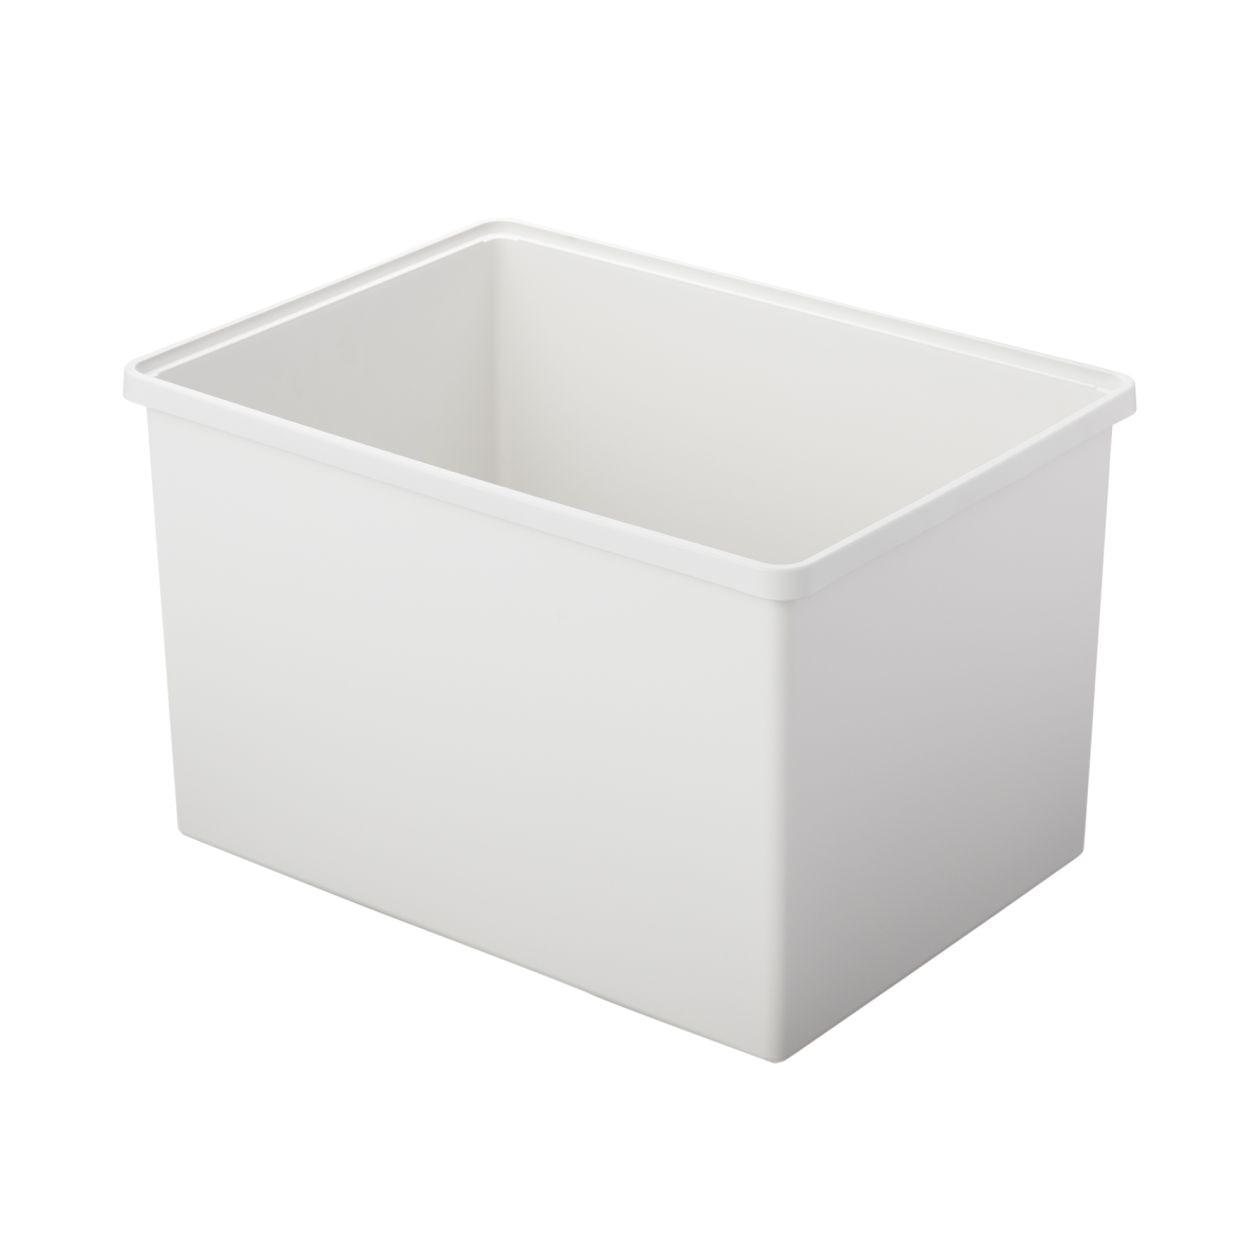 【ネット限定】ポリプロピレン収納ボックス・ワイド・深・ホワイトグレー